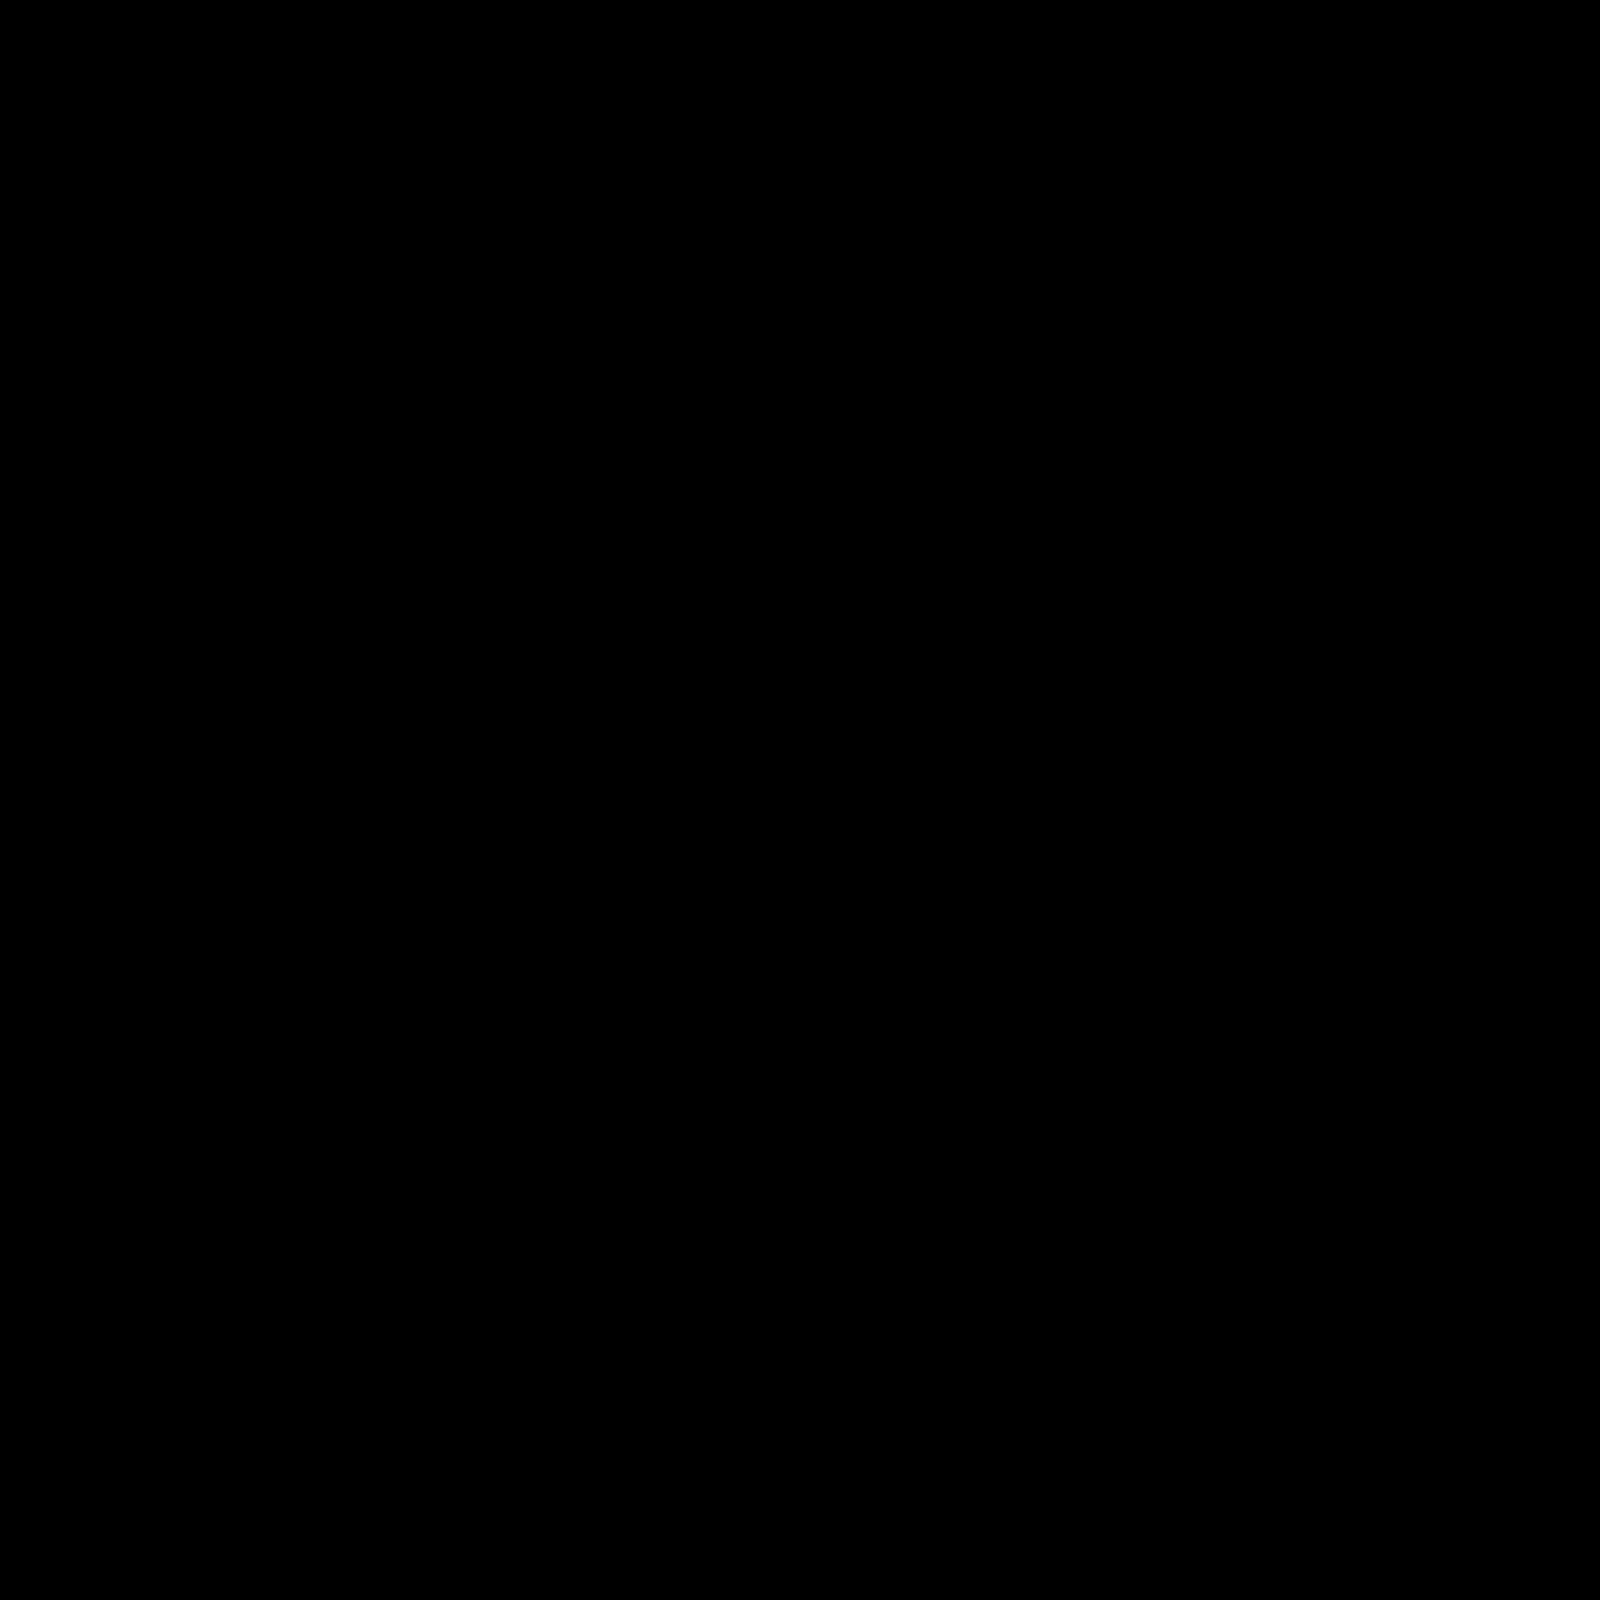 バン icon